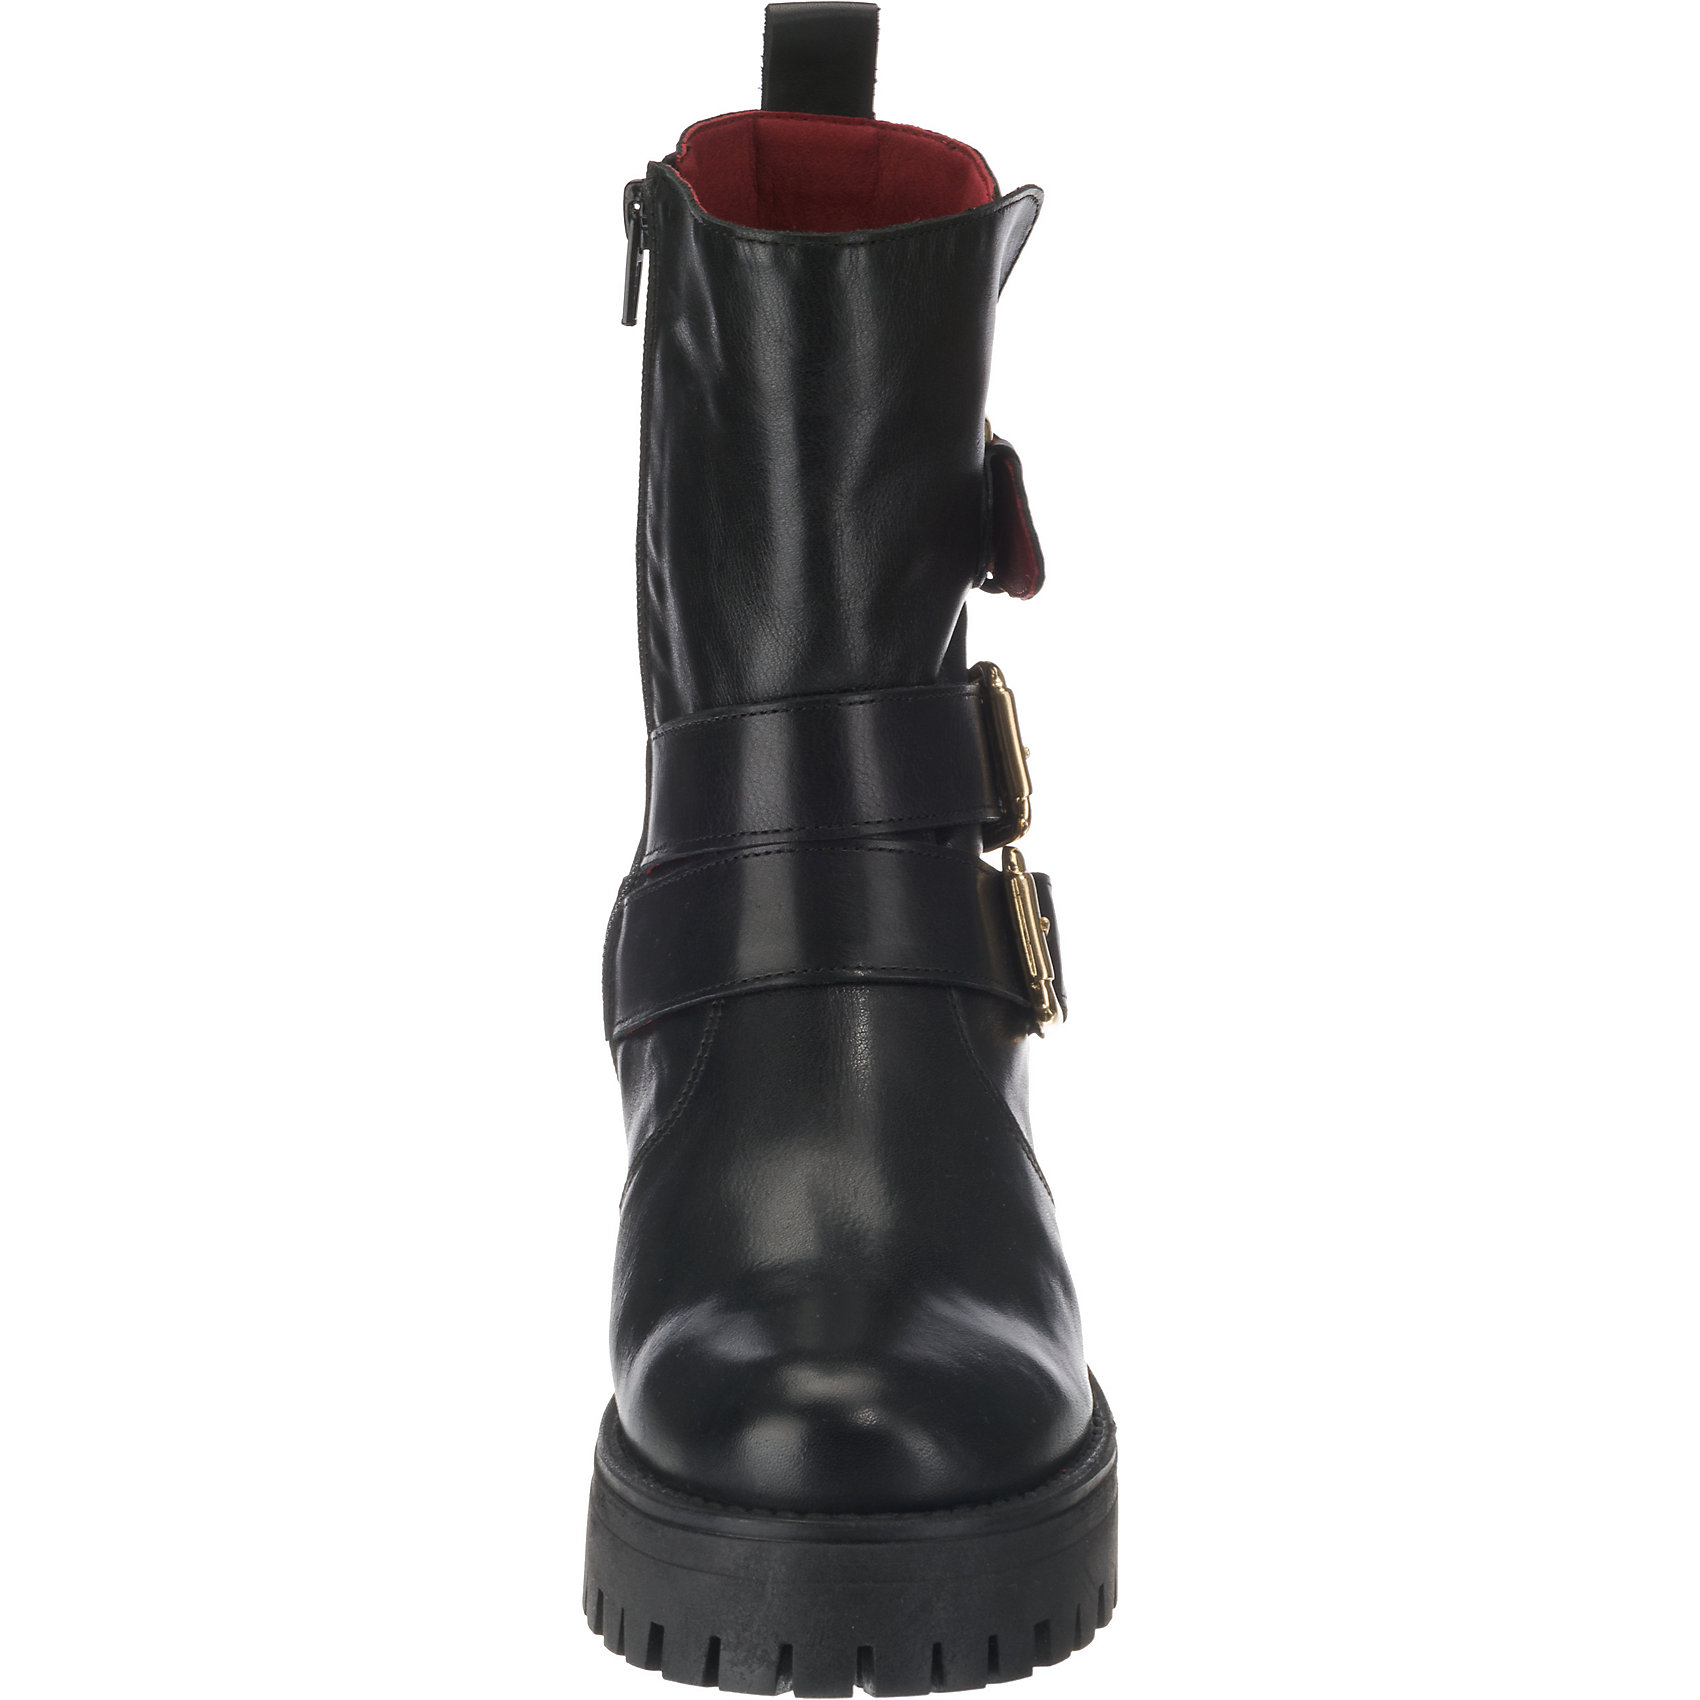 ae3c63f266c602 Neu BUFFALO Biker Boots 8761544 für Damen schwarz Modell 1 schwarz ...